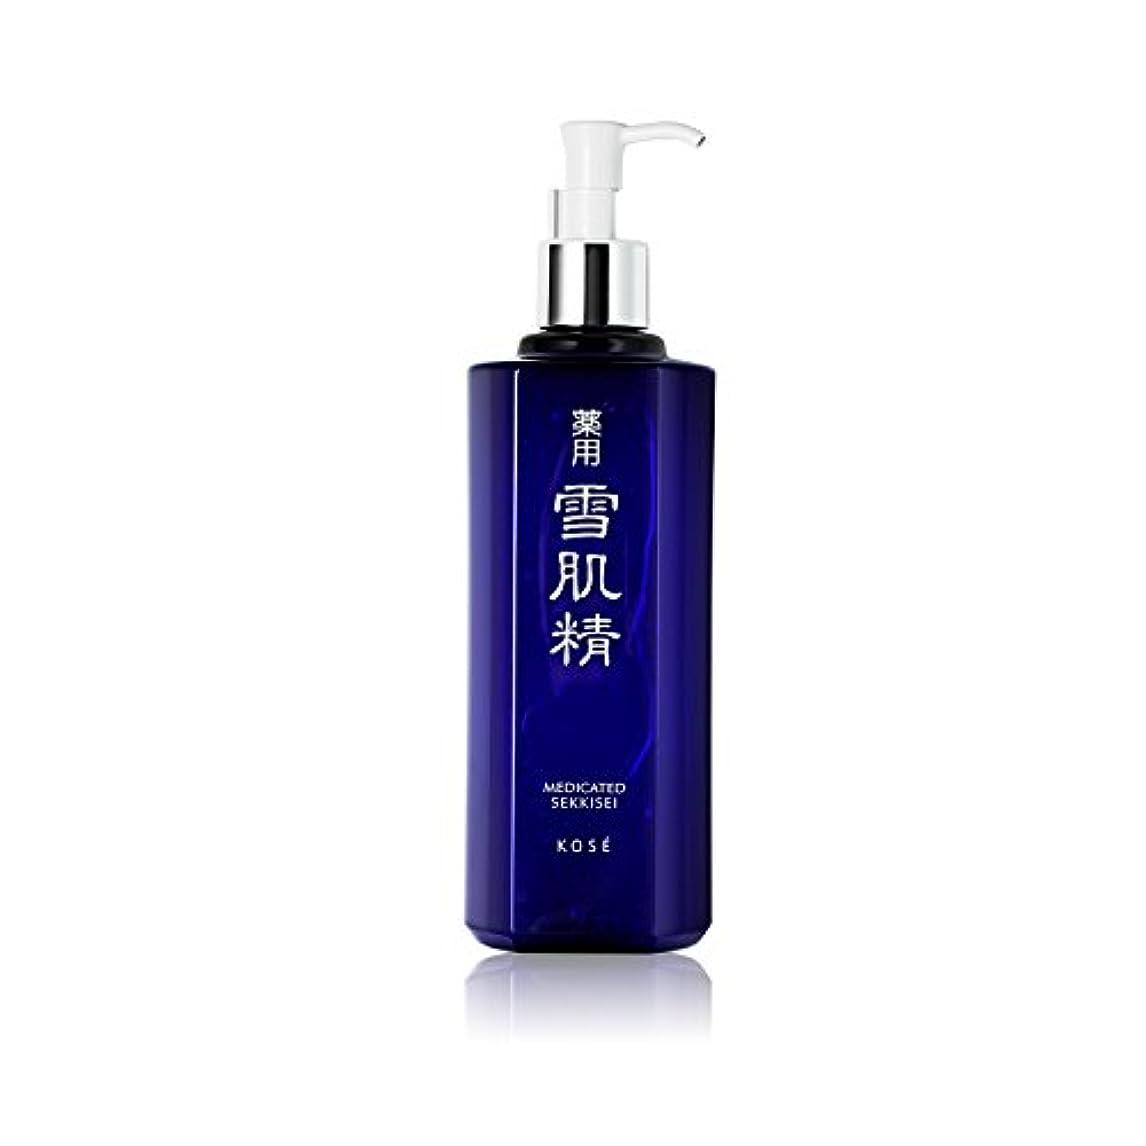 【コーセー】薬用雪肌精 スーパービッグボトル 500ml